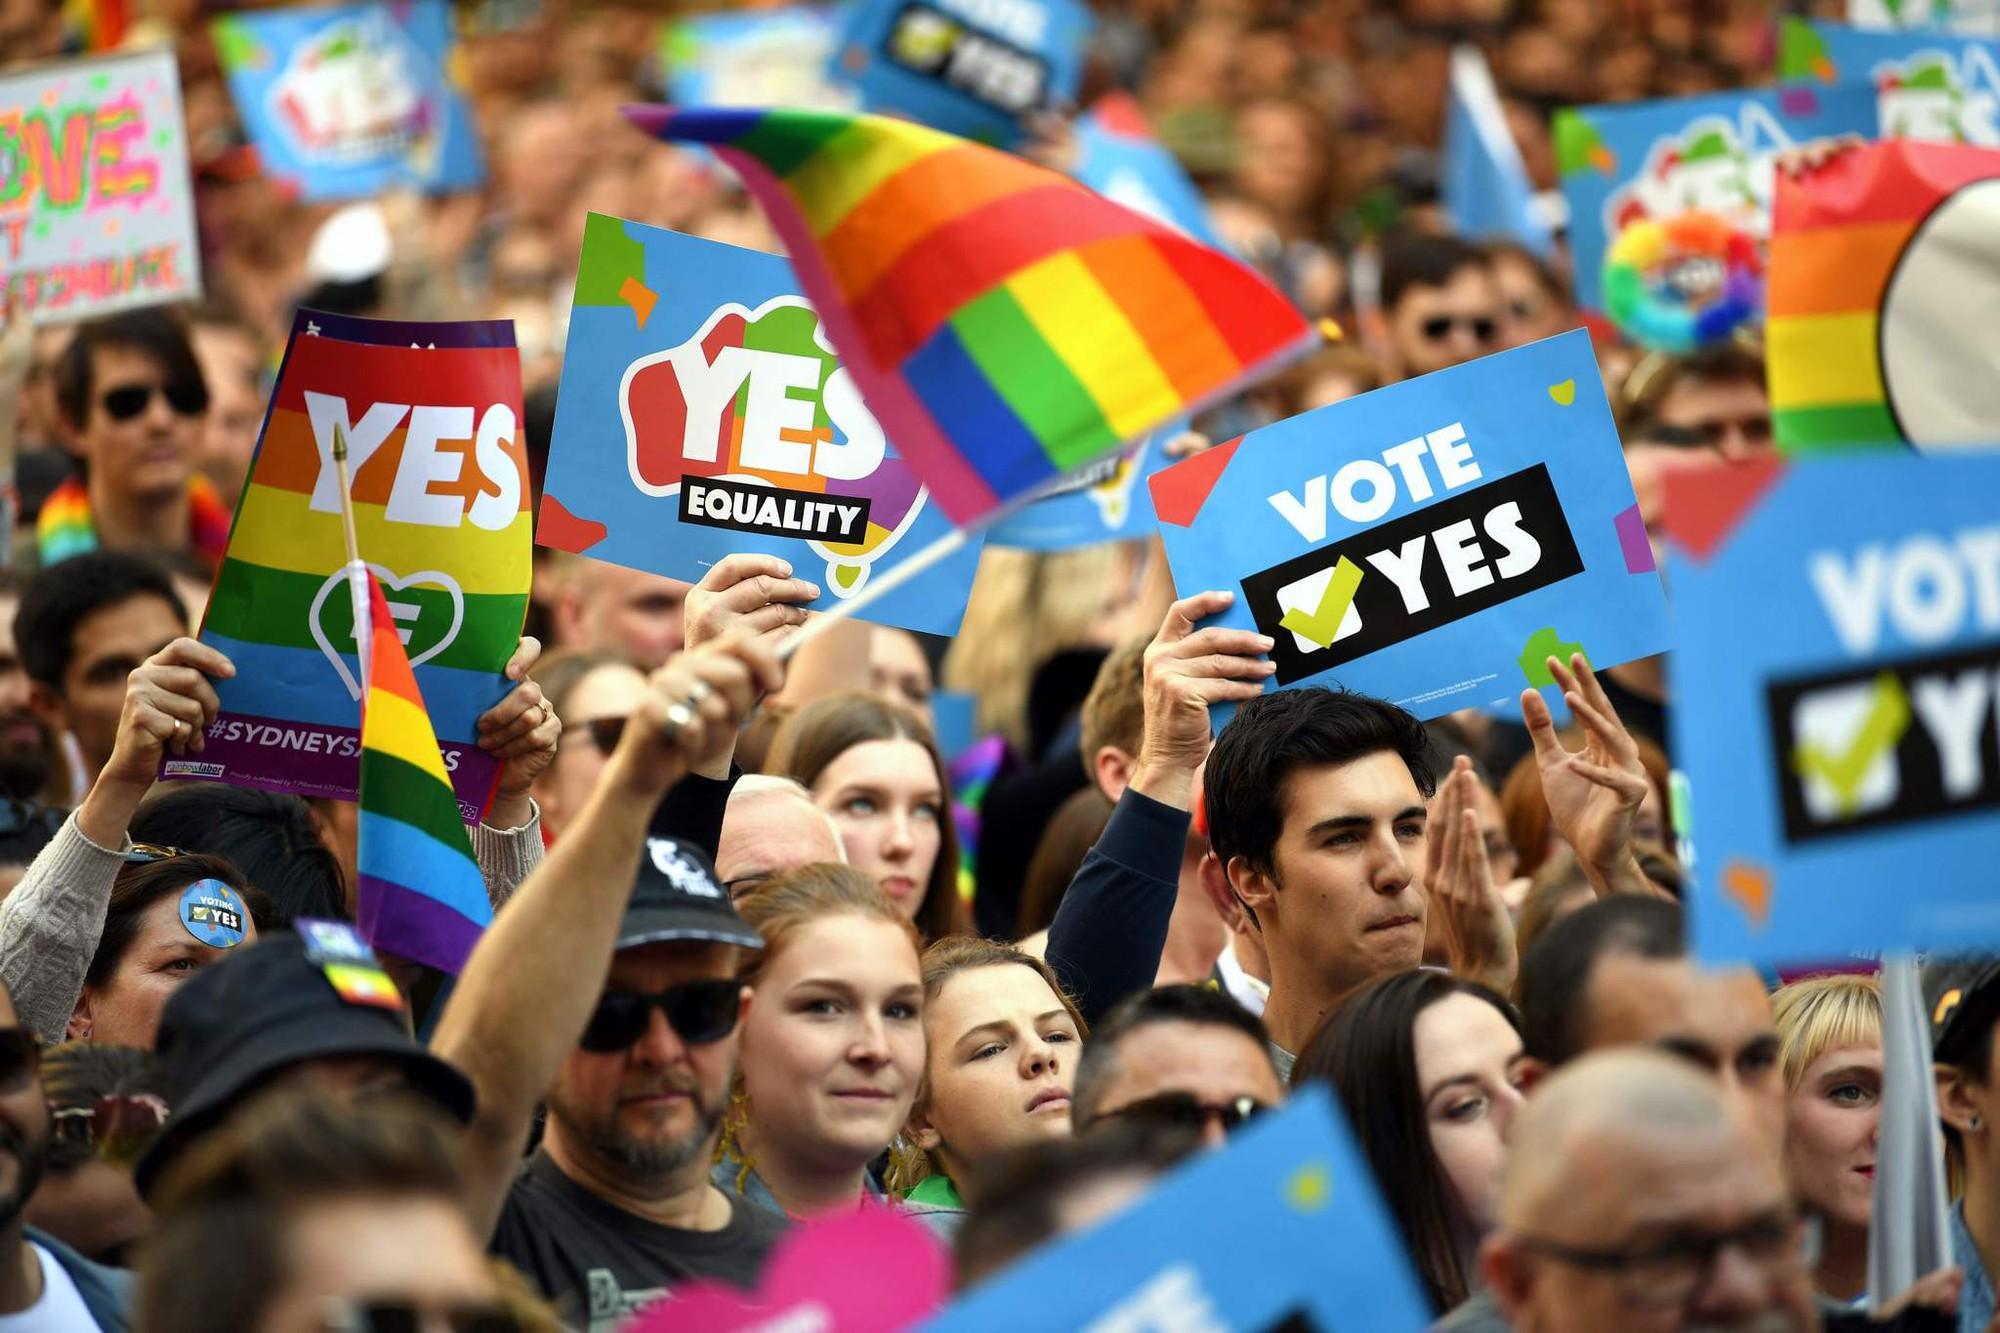 Tin vui trong ngày: Người dân Úc bỏ phiếu đồng ý hợp thức hóa hôn nhân cùng giới! - Ảnh 1.